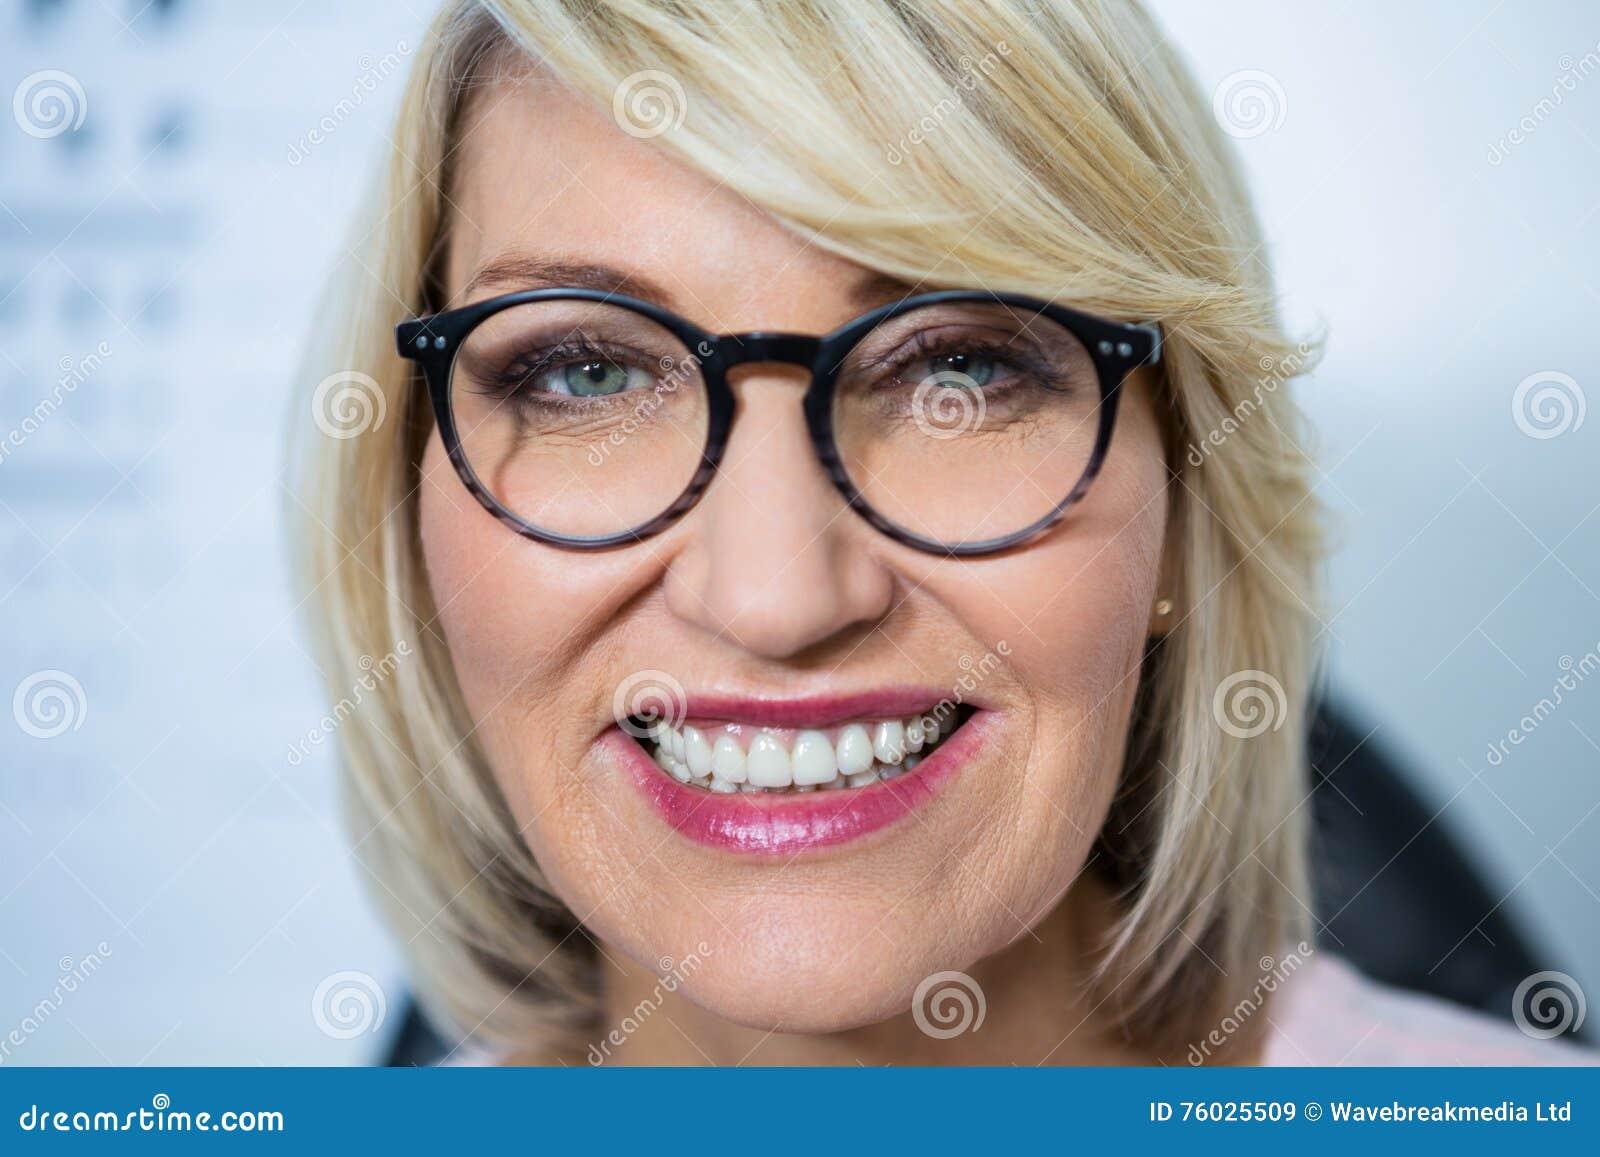 6e6330965c80aa Mooie Vrouw Die Bril In Optische Opslag Dragen Stock Afbeelding ...